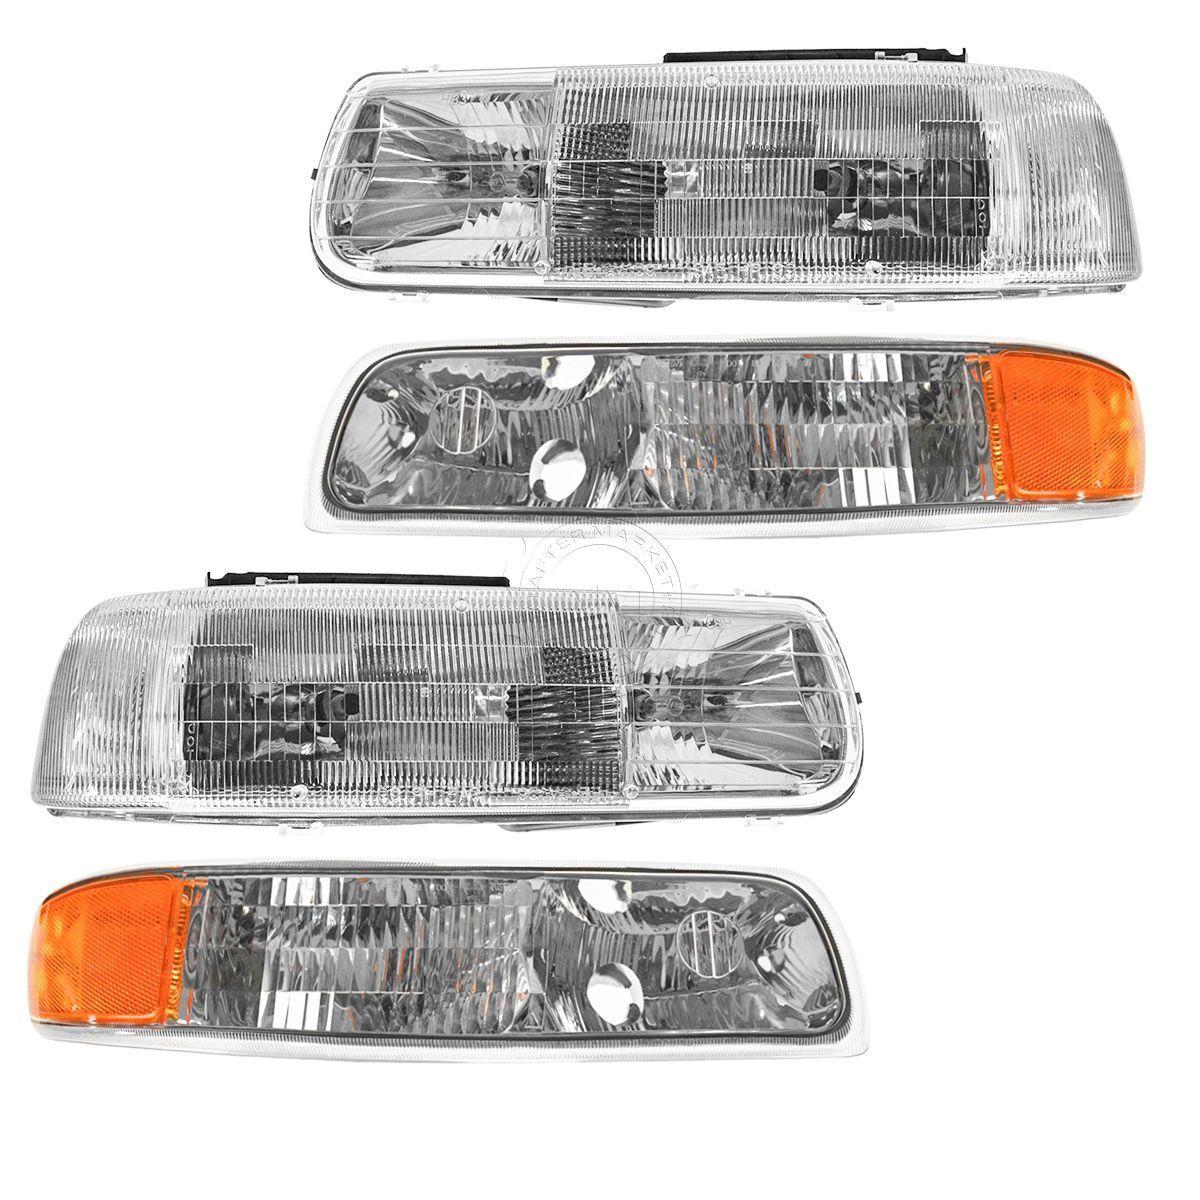 コーナーライト Headlight & Corner Parking Light Left & Right Set Kit for Chevy Truck Suburban ヘッドライト& コーナーパーキングライト左& Chevy Truck郊外の右セットキット